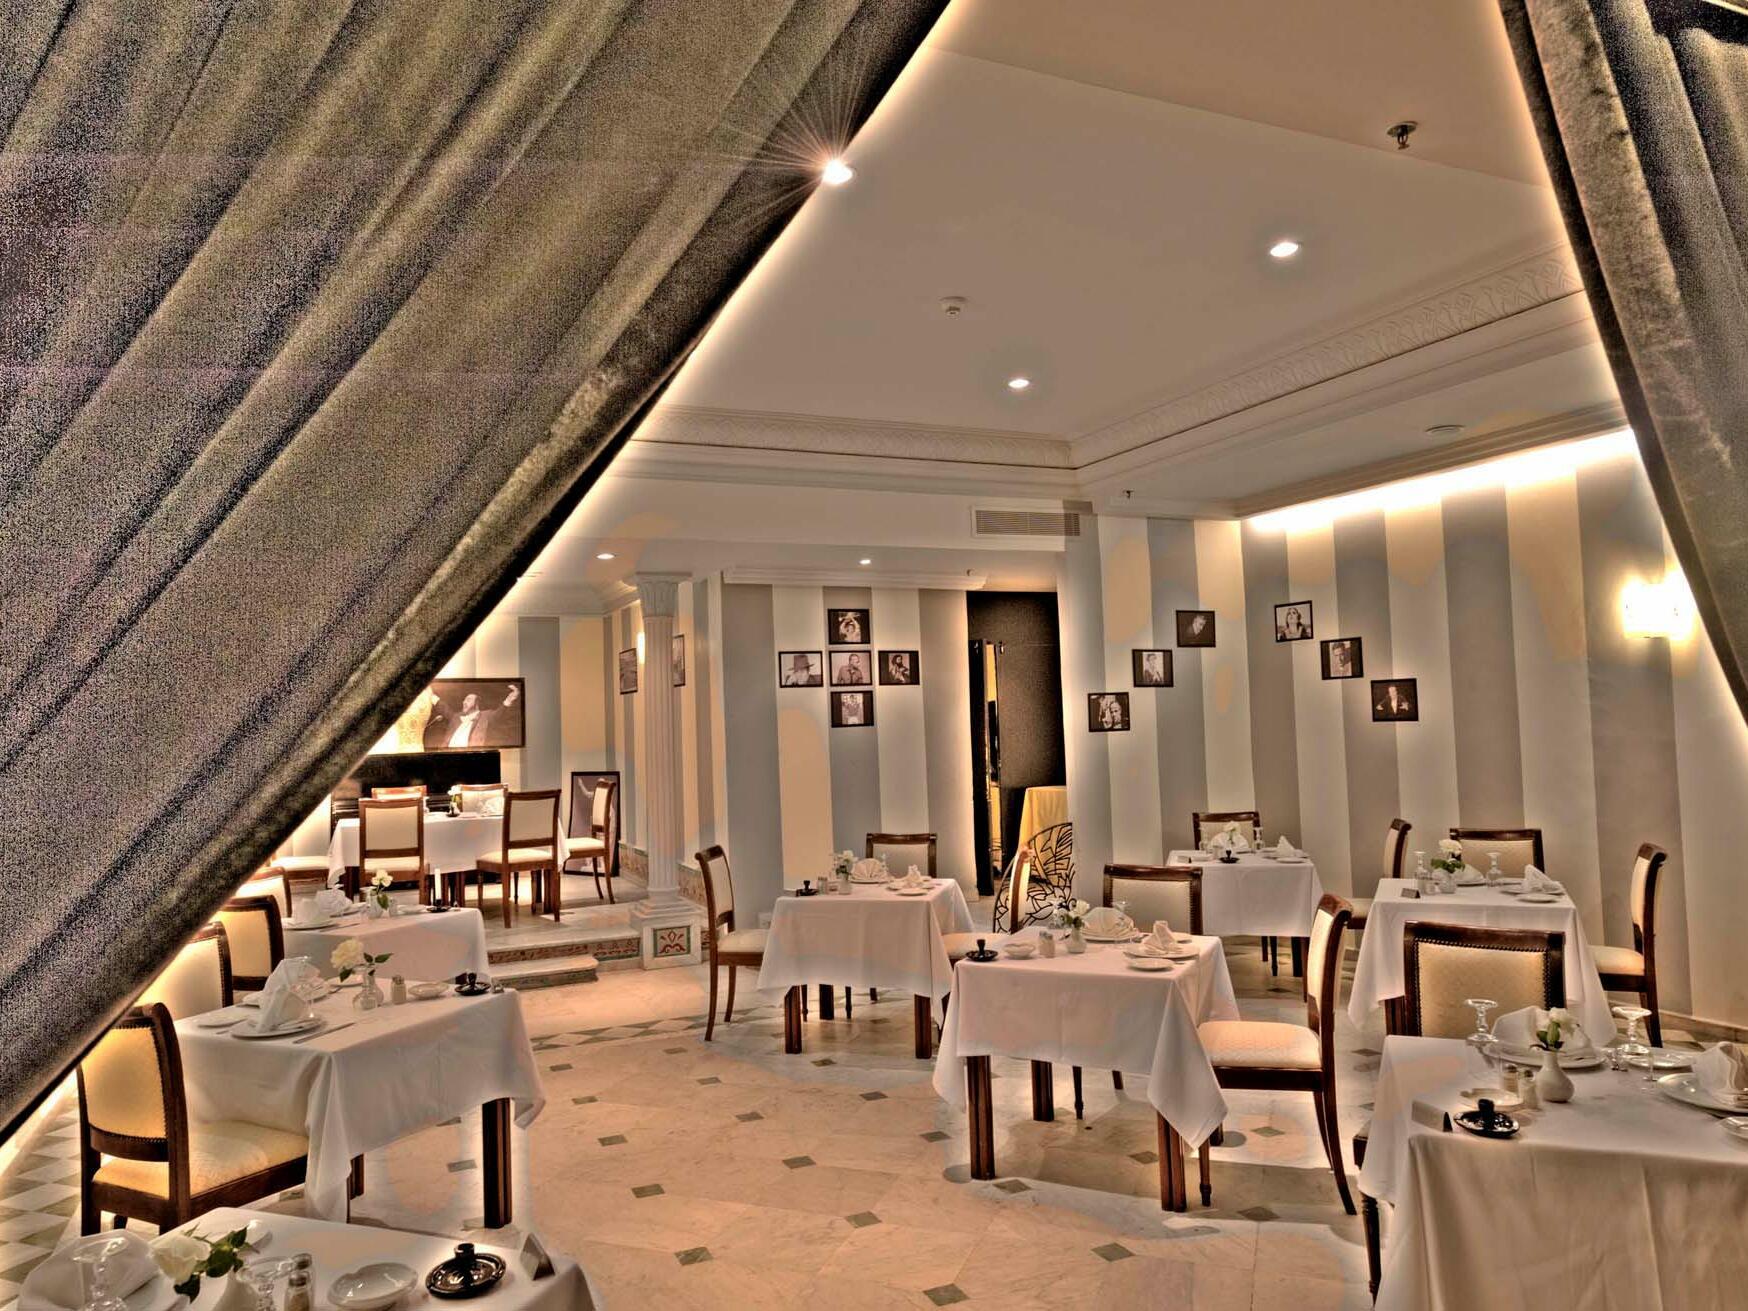 Interior Dining Table - Farah Marrakech Hotel